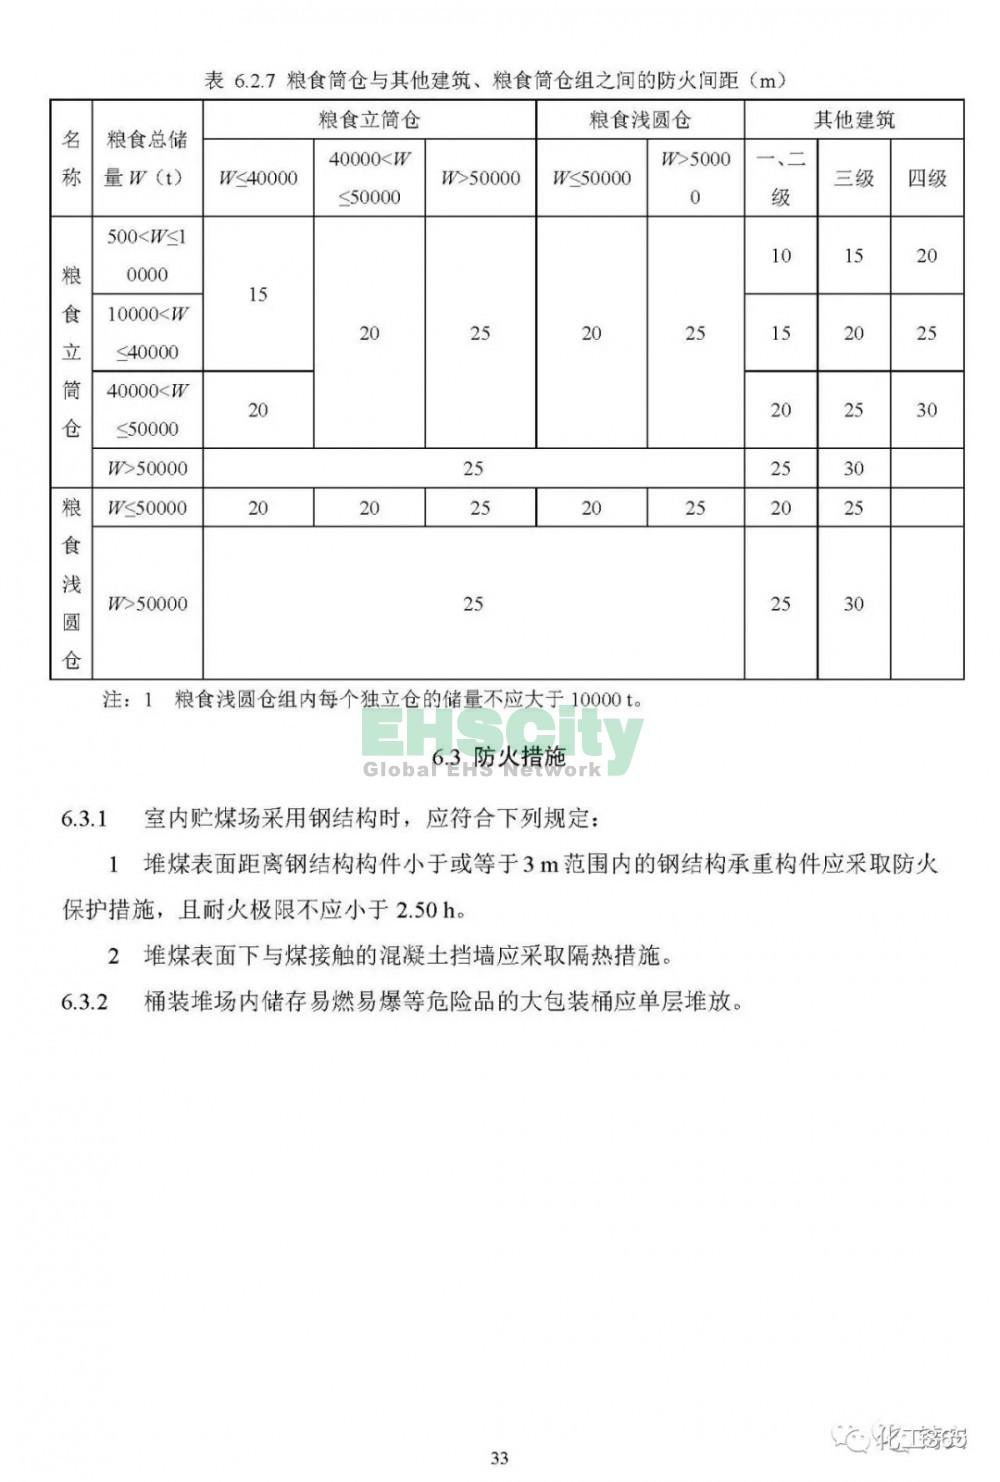 《可燃物储罐、装置及堆场防火通用规范》(初稿)  (35)